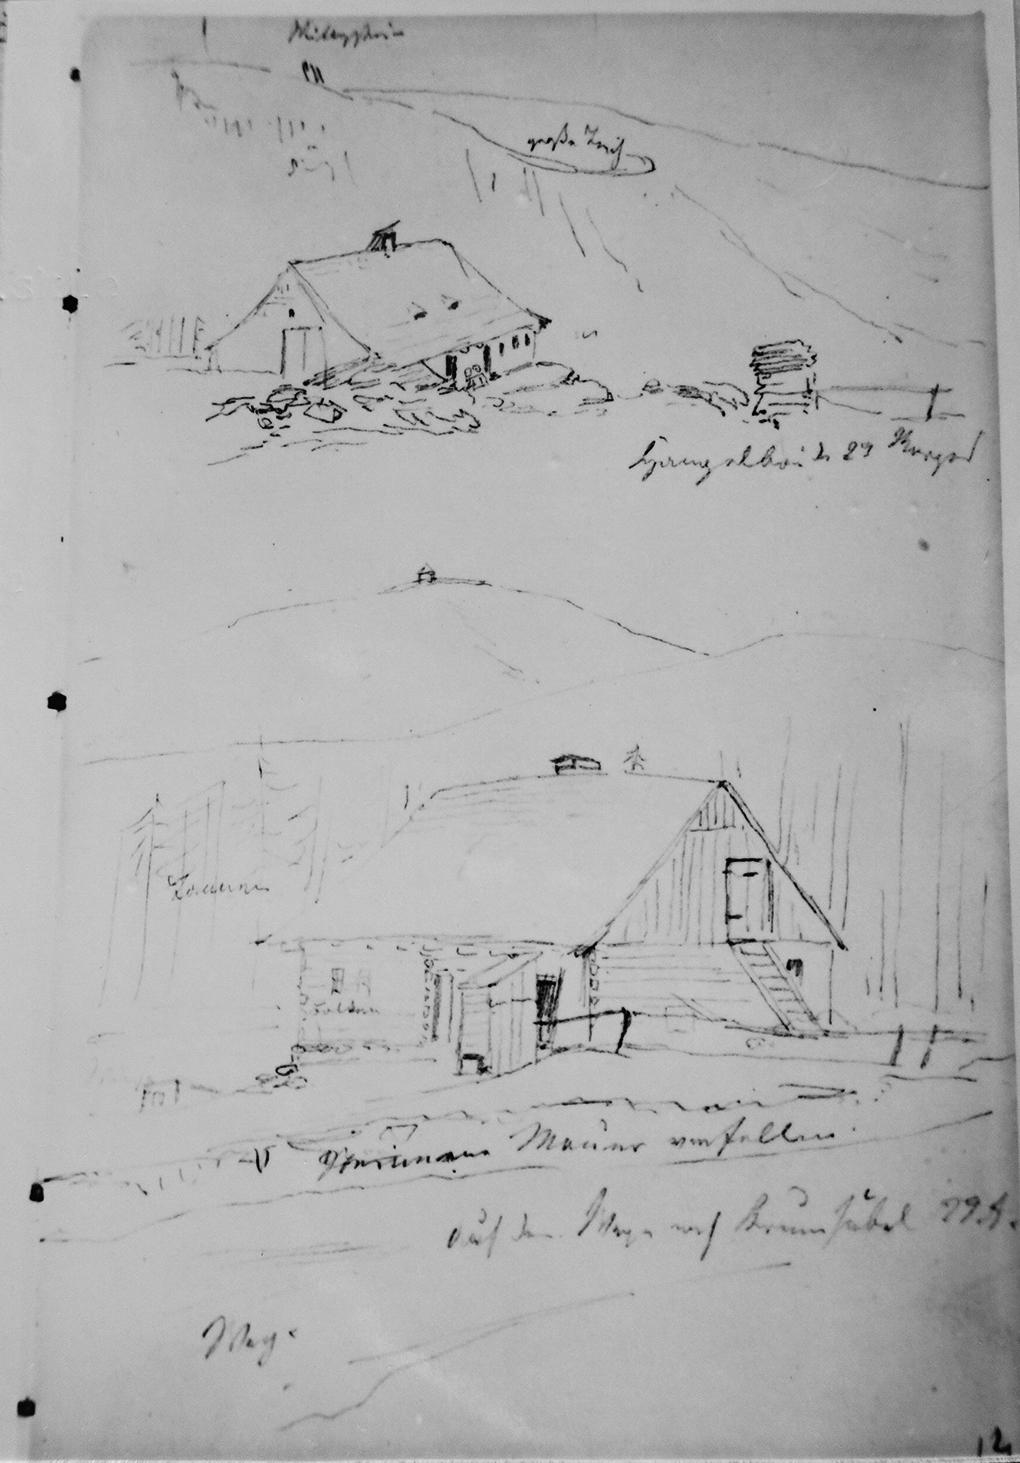 Ludwig Most, Dwa schroniska w Karkonoszach, 29.08.1835, ołówek na papierze welinowym, Szkicownik nr VII, karta 14, Muzeum Narodowe w Szczecinie